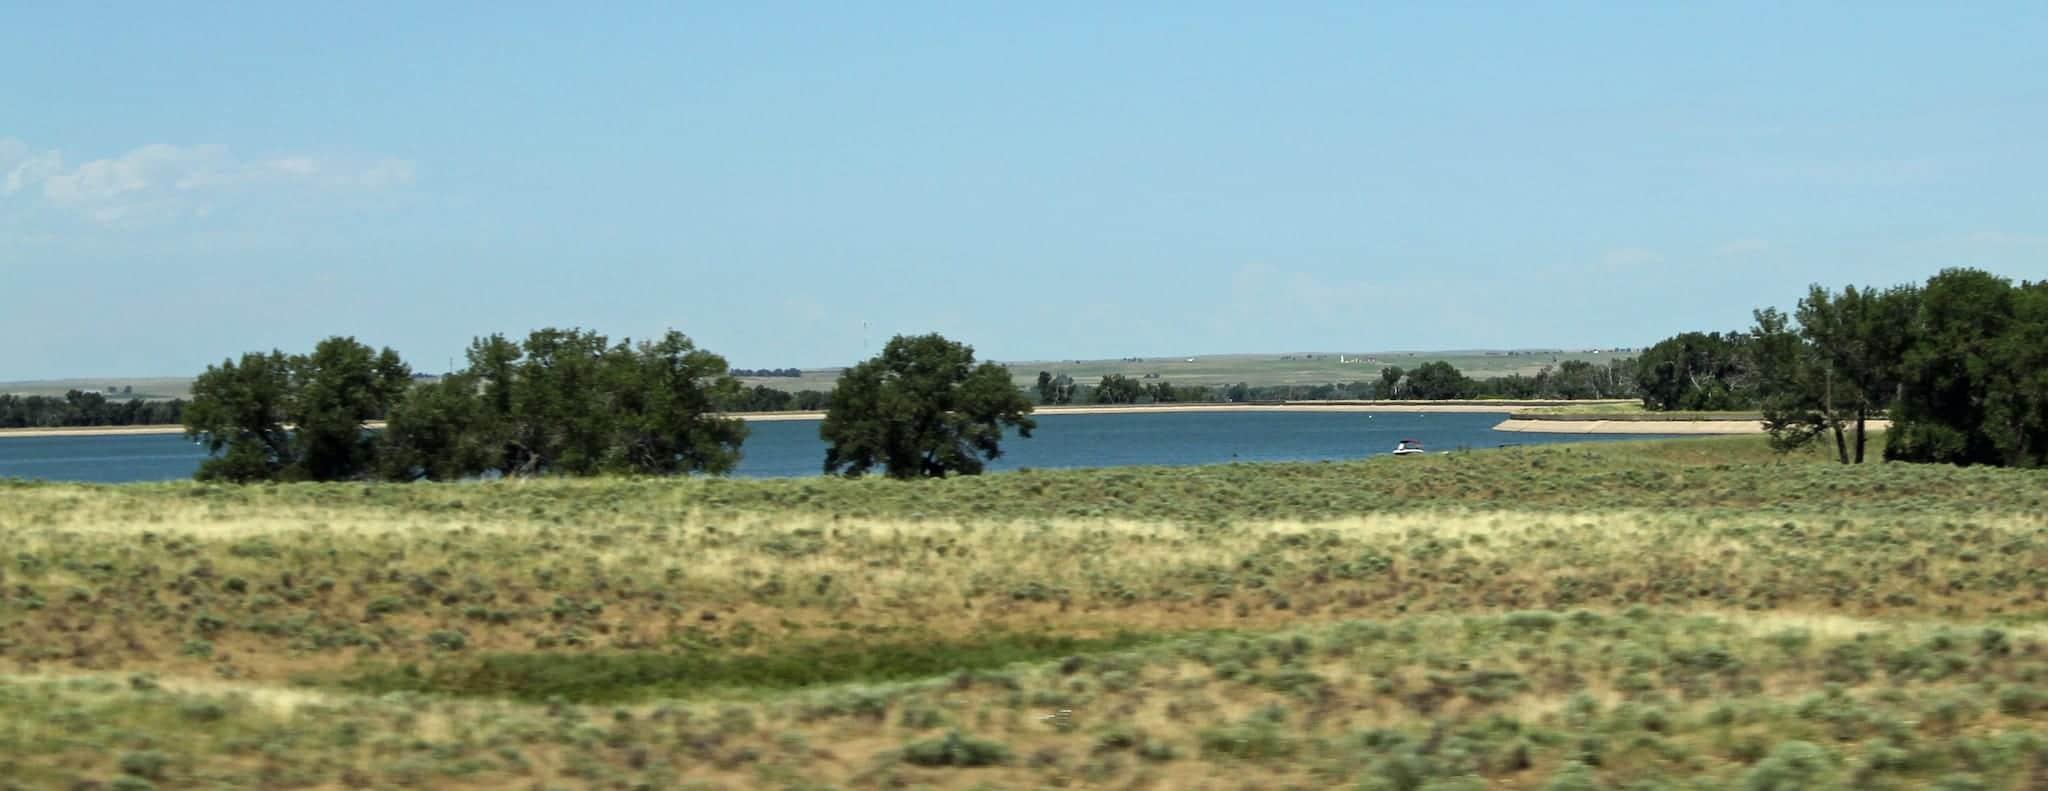 Prewitt Reservoir Colorado